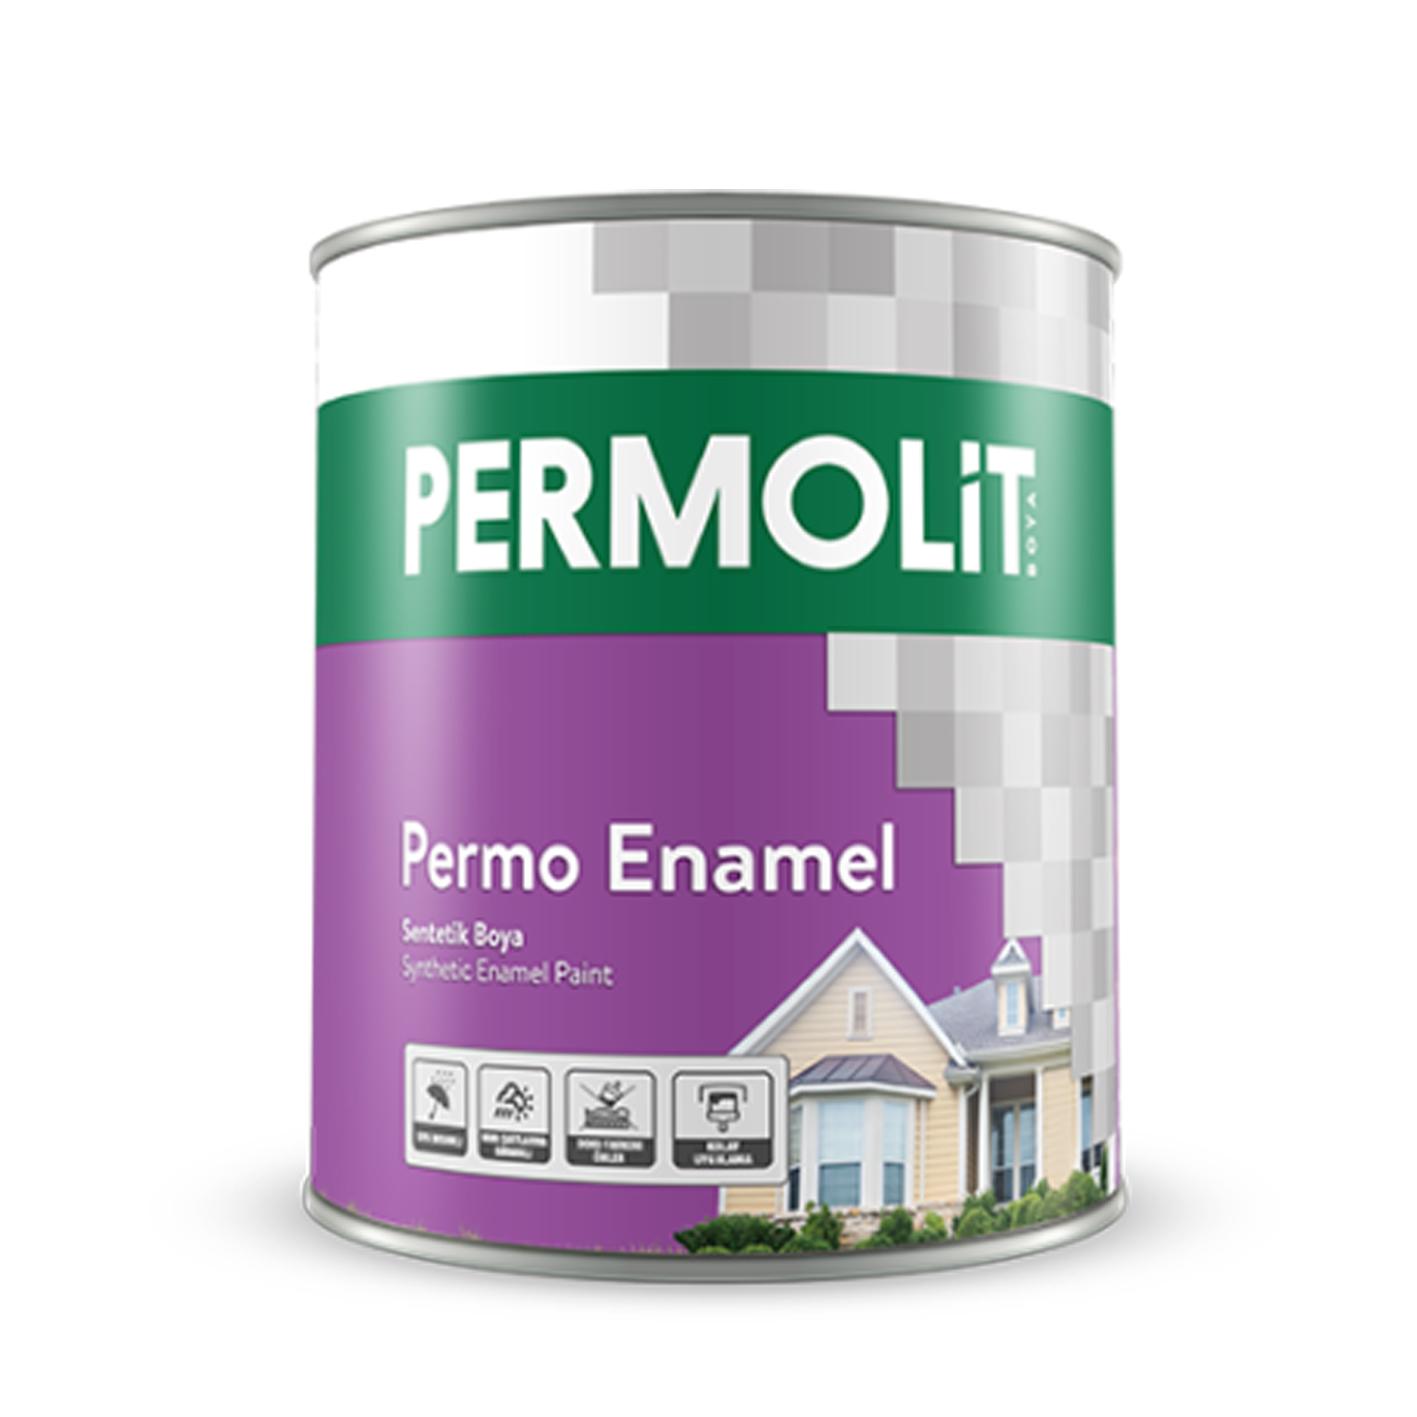 Permolit Permo Enamel Sentetik Beyaz 0.75Lt